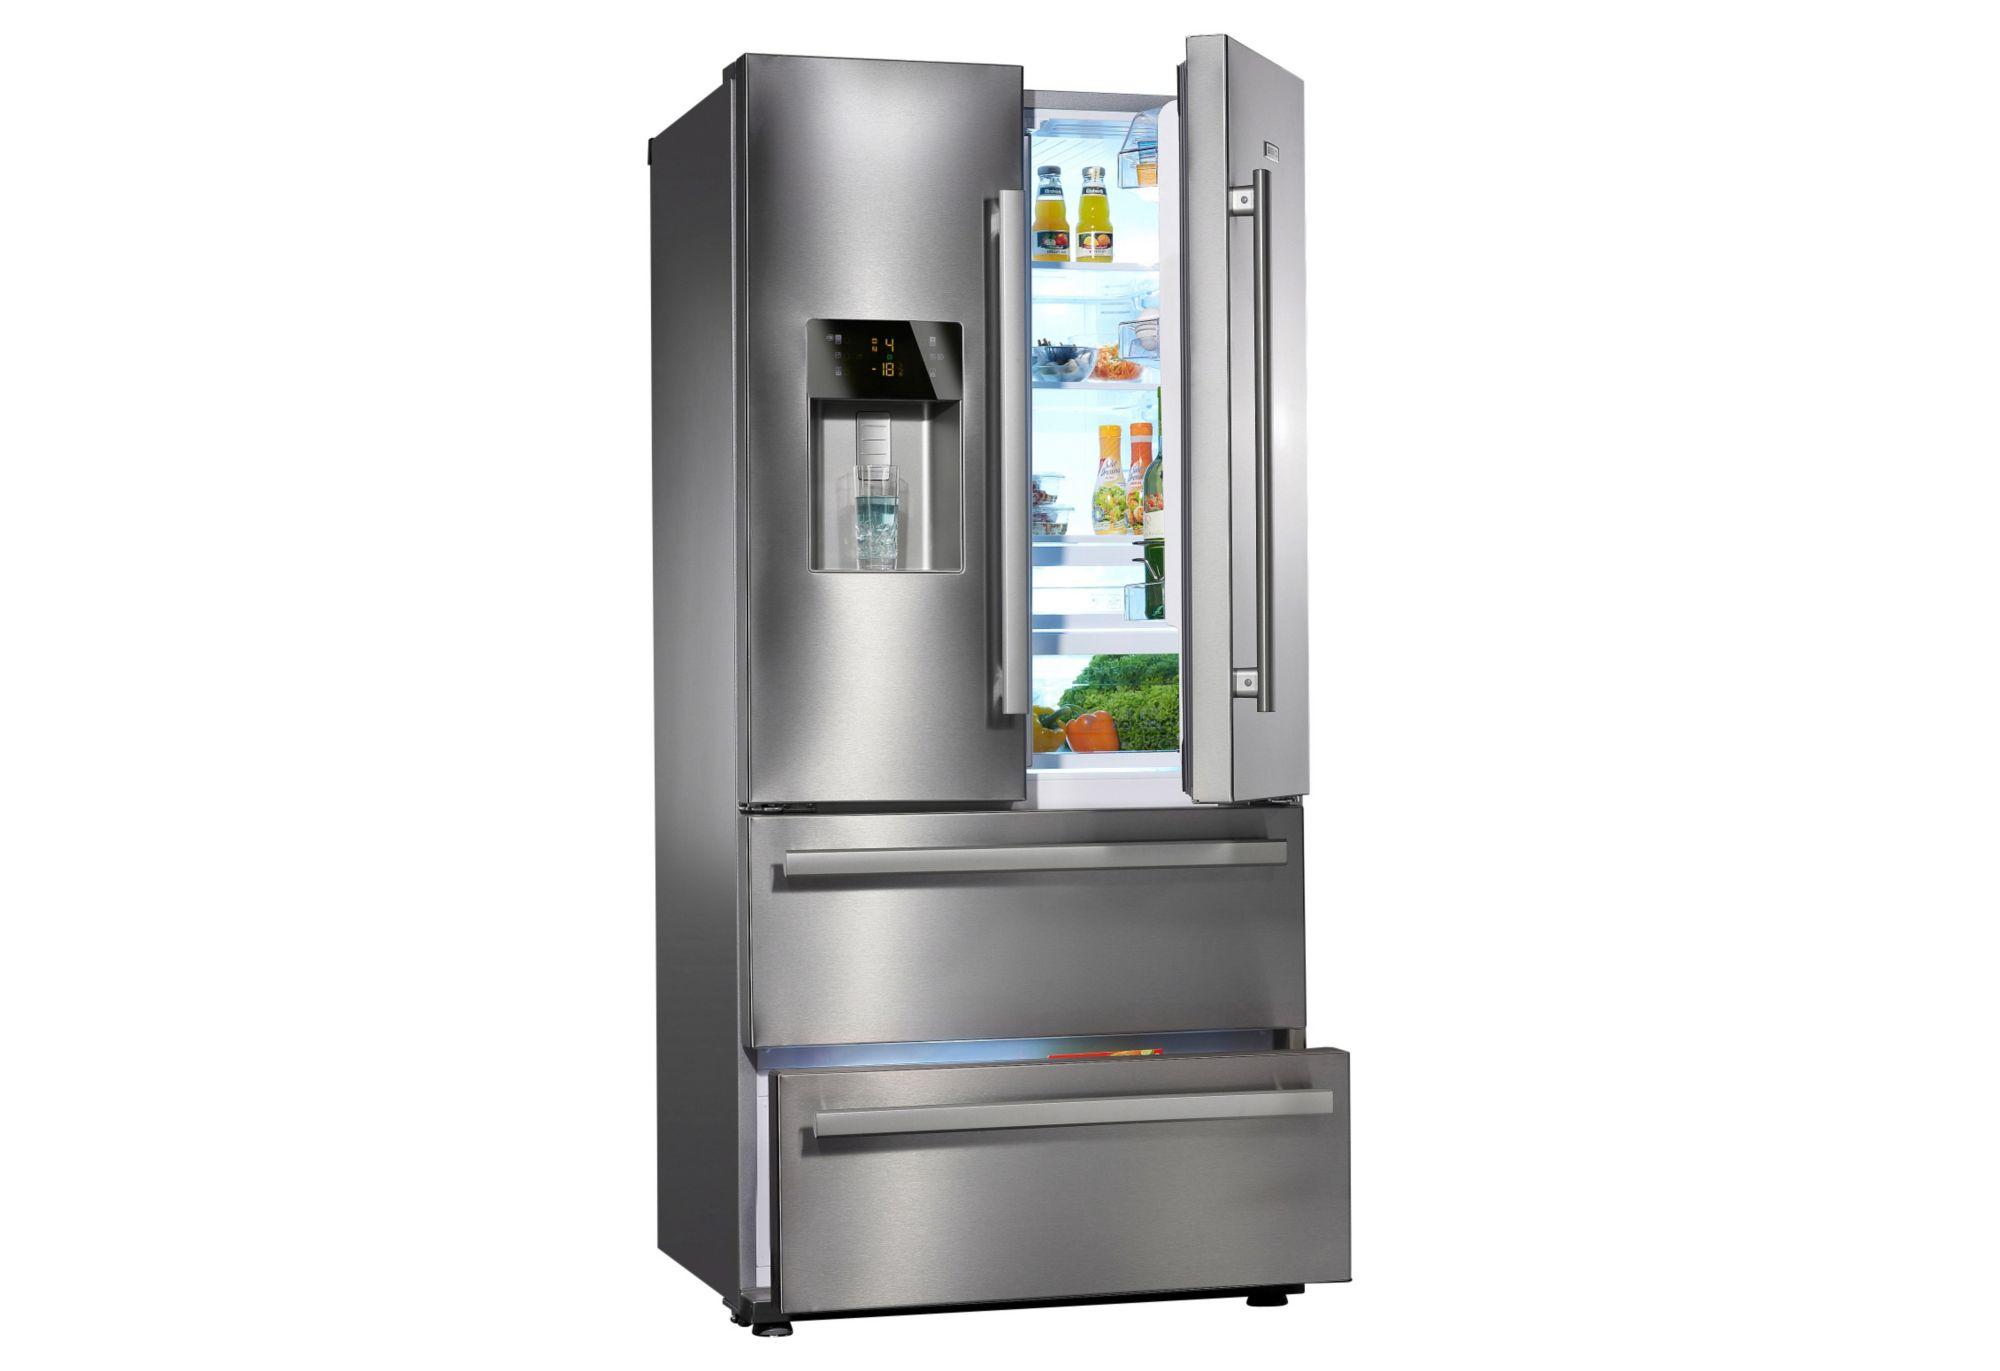 Side By Side Kühlschrank Vorteil : Side by side einbau kühlschrank freistehender kühlschrank welche